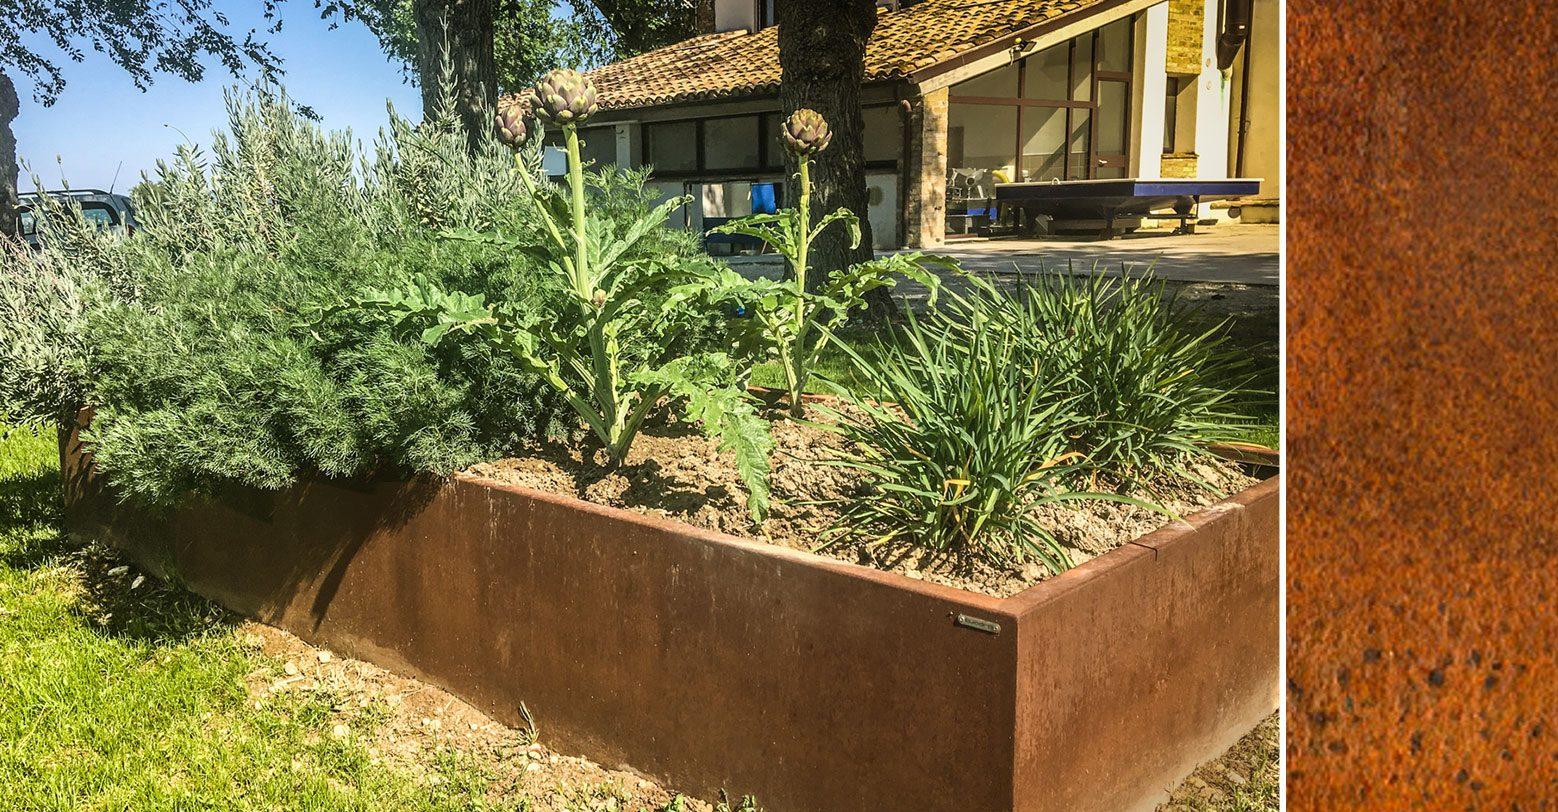 bordure-giardino-acciaio-corten